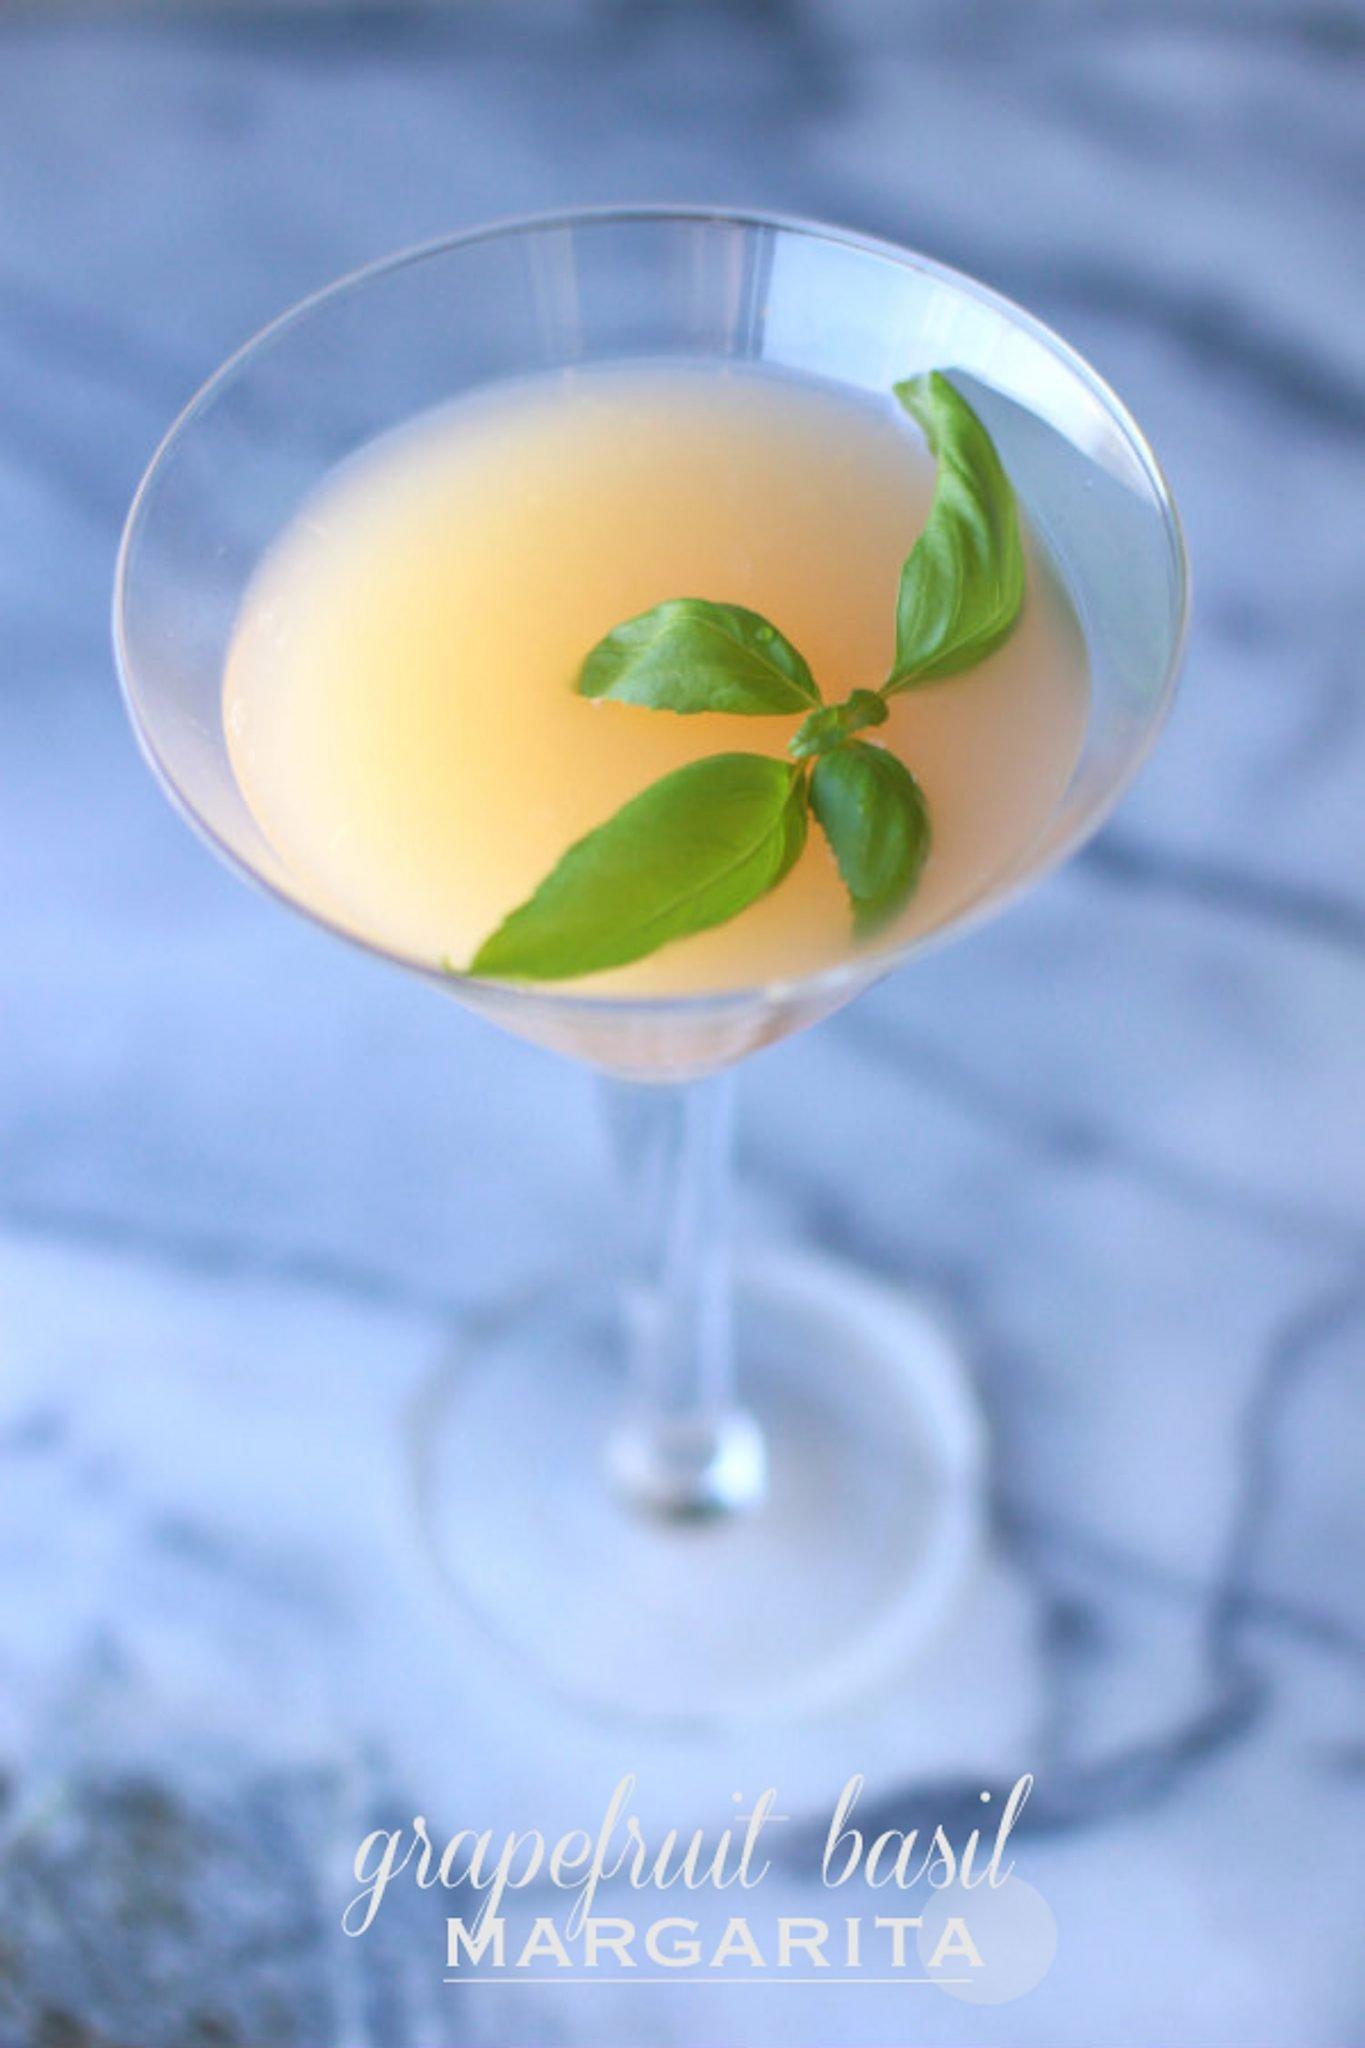 grapefruit basil margarita from My Style Vita